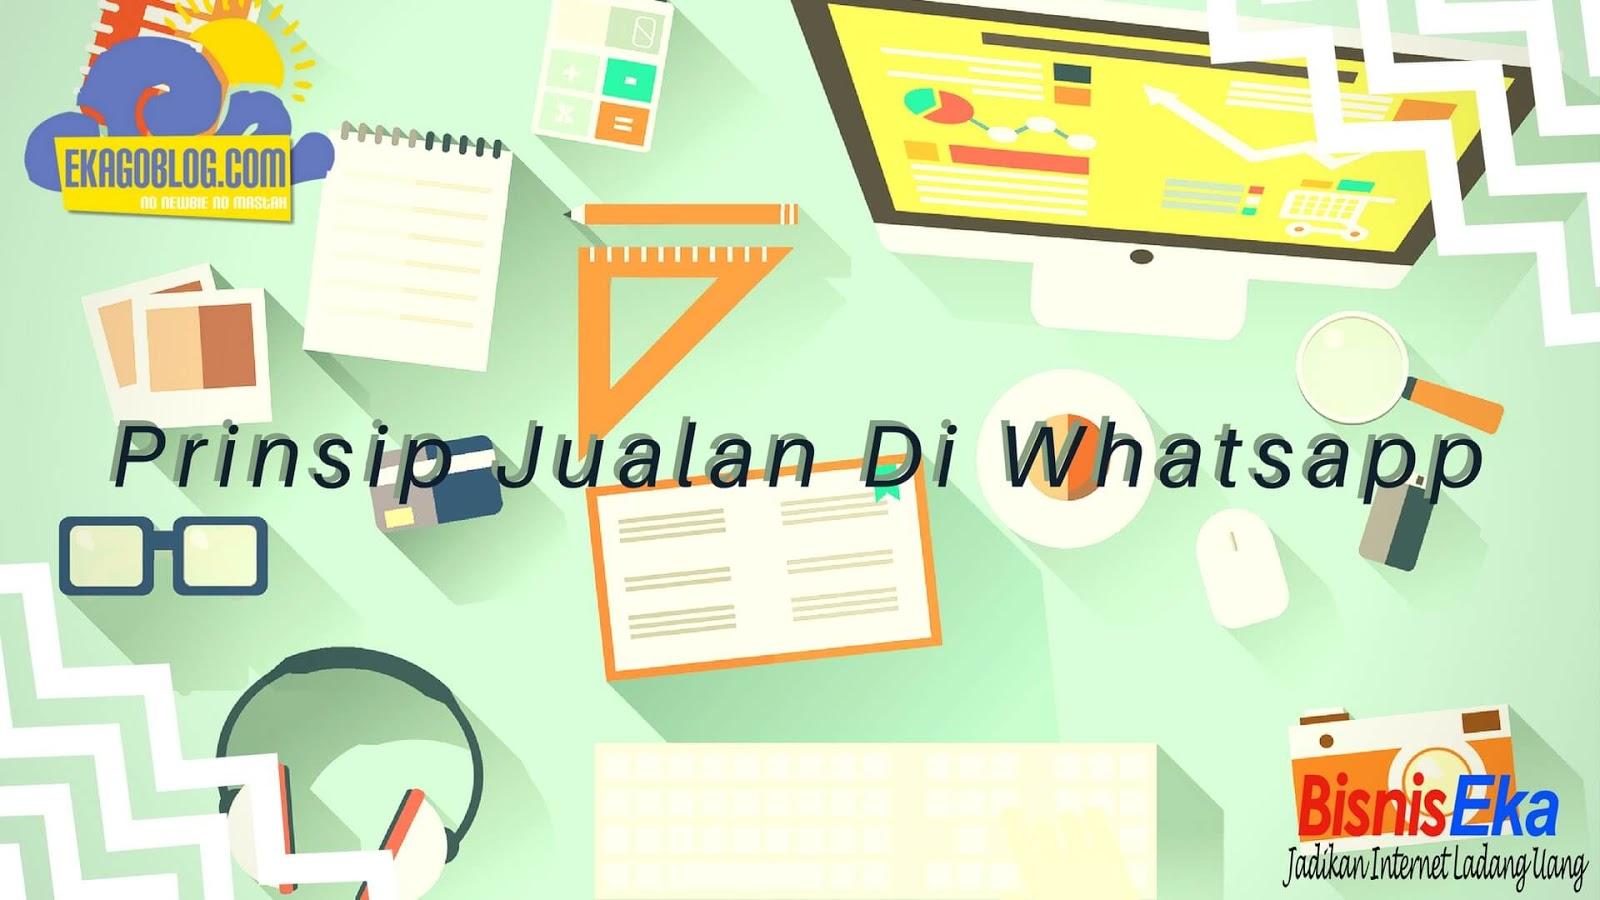 Prinsip Jualan Di Whatsapp